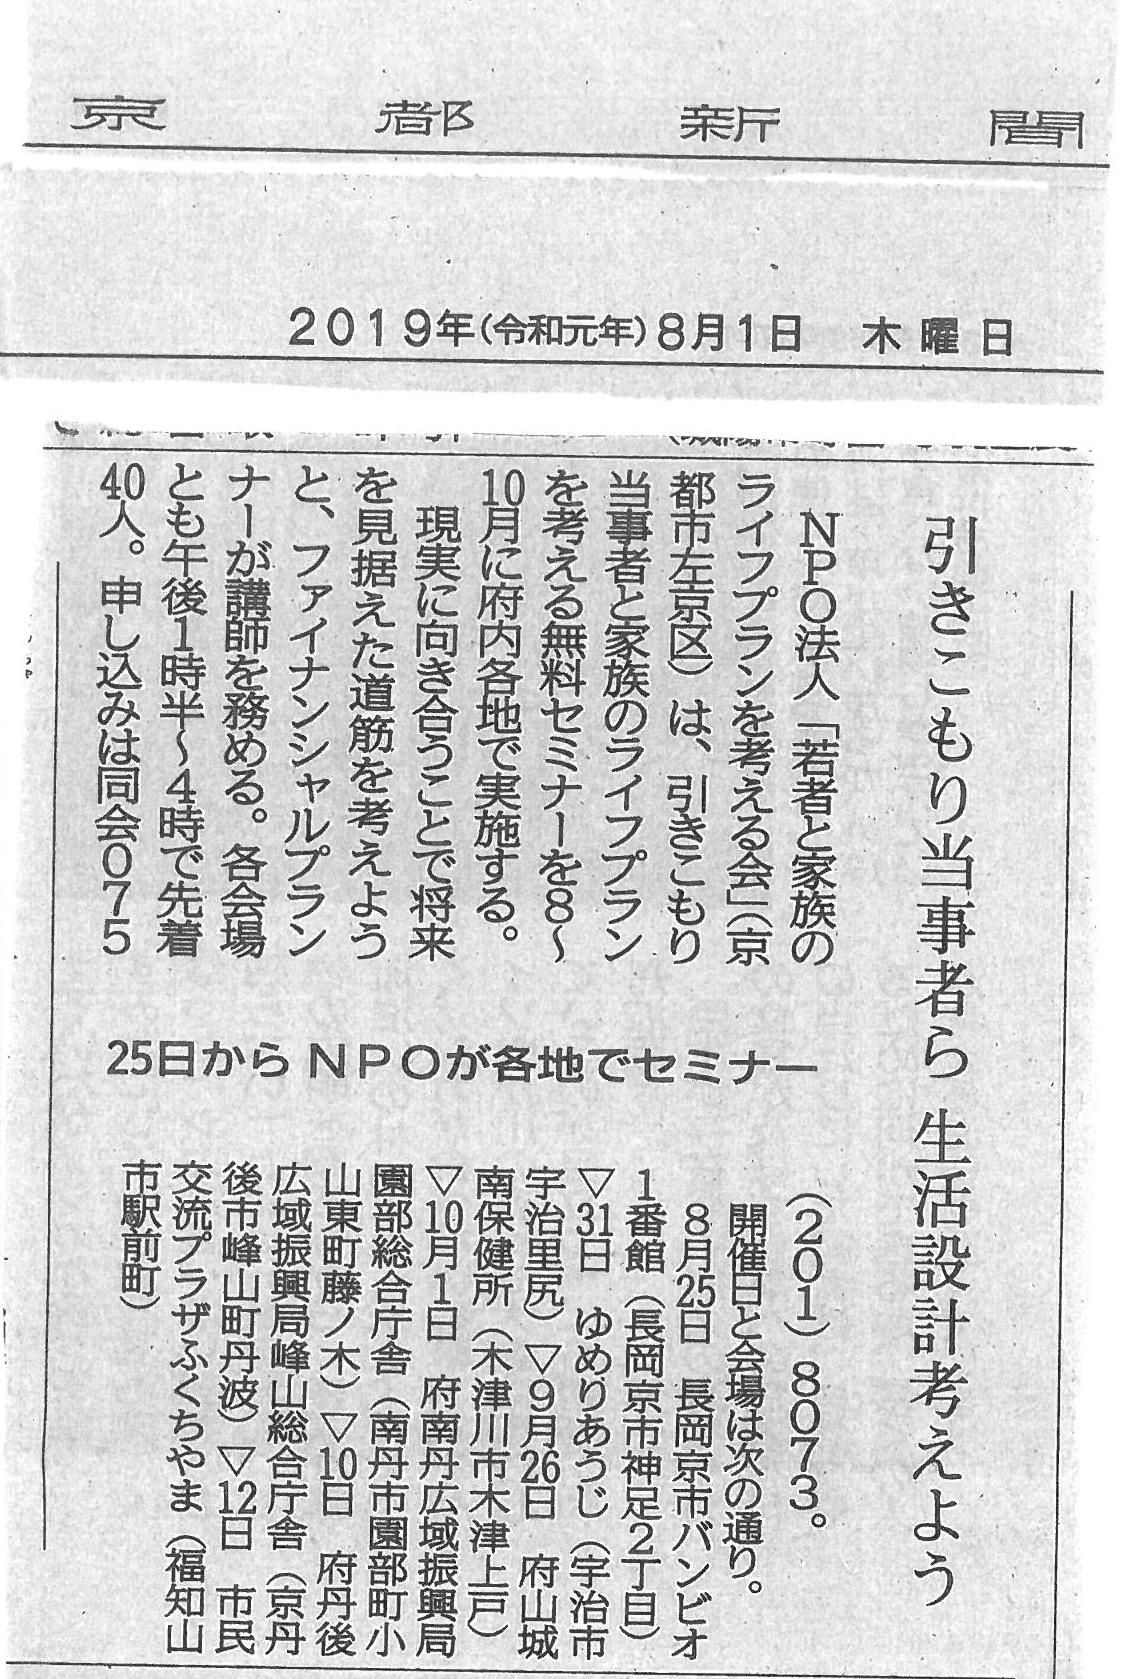 2019年8月1日付京都新聞 引きこもり当事者ら 生活設計考えよう